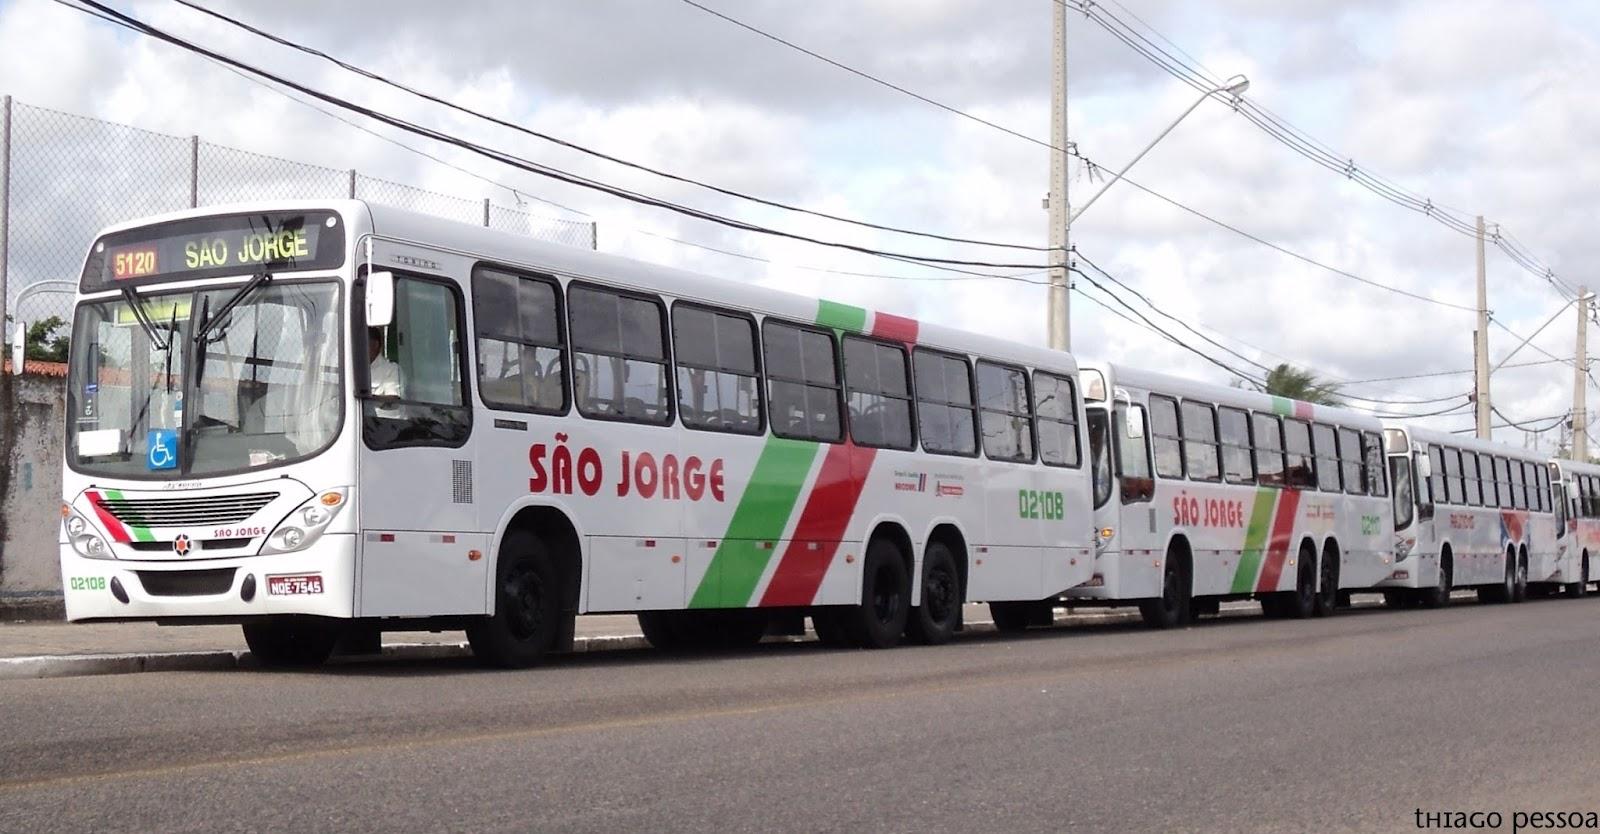 02108 2 - Transporte Coletivo Urbano: Tarifa de Estudante passa de R$ 1,35 para R$ 1,50